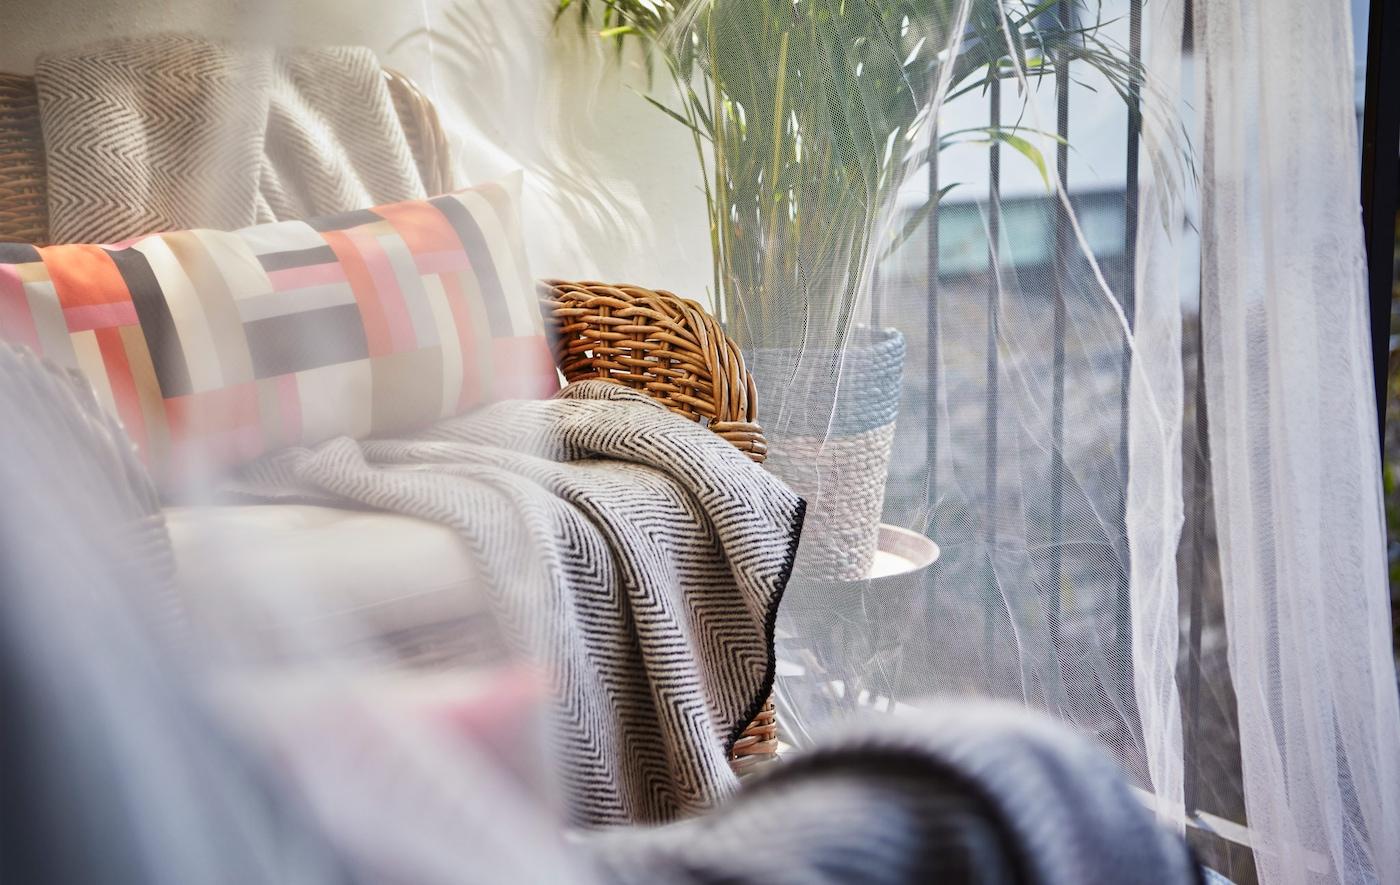 特写:透明纱帐下有一块休息区。